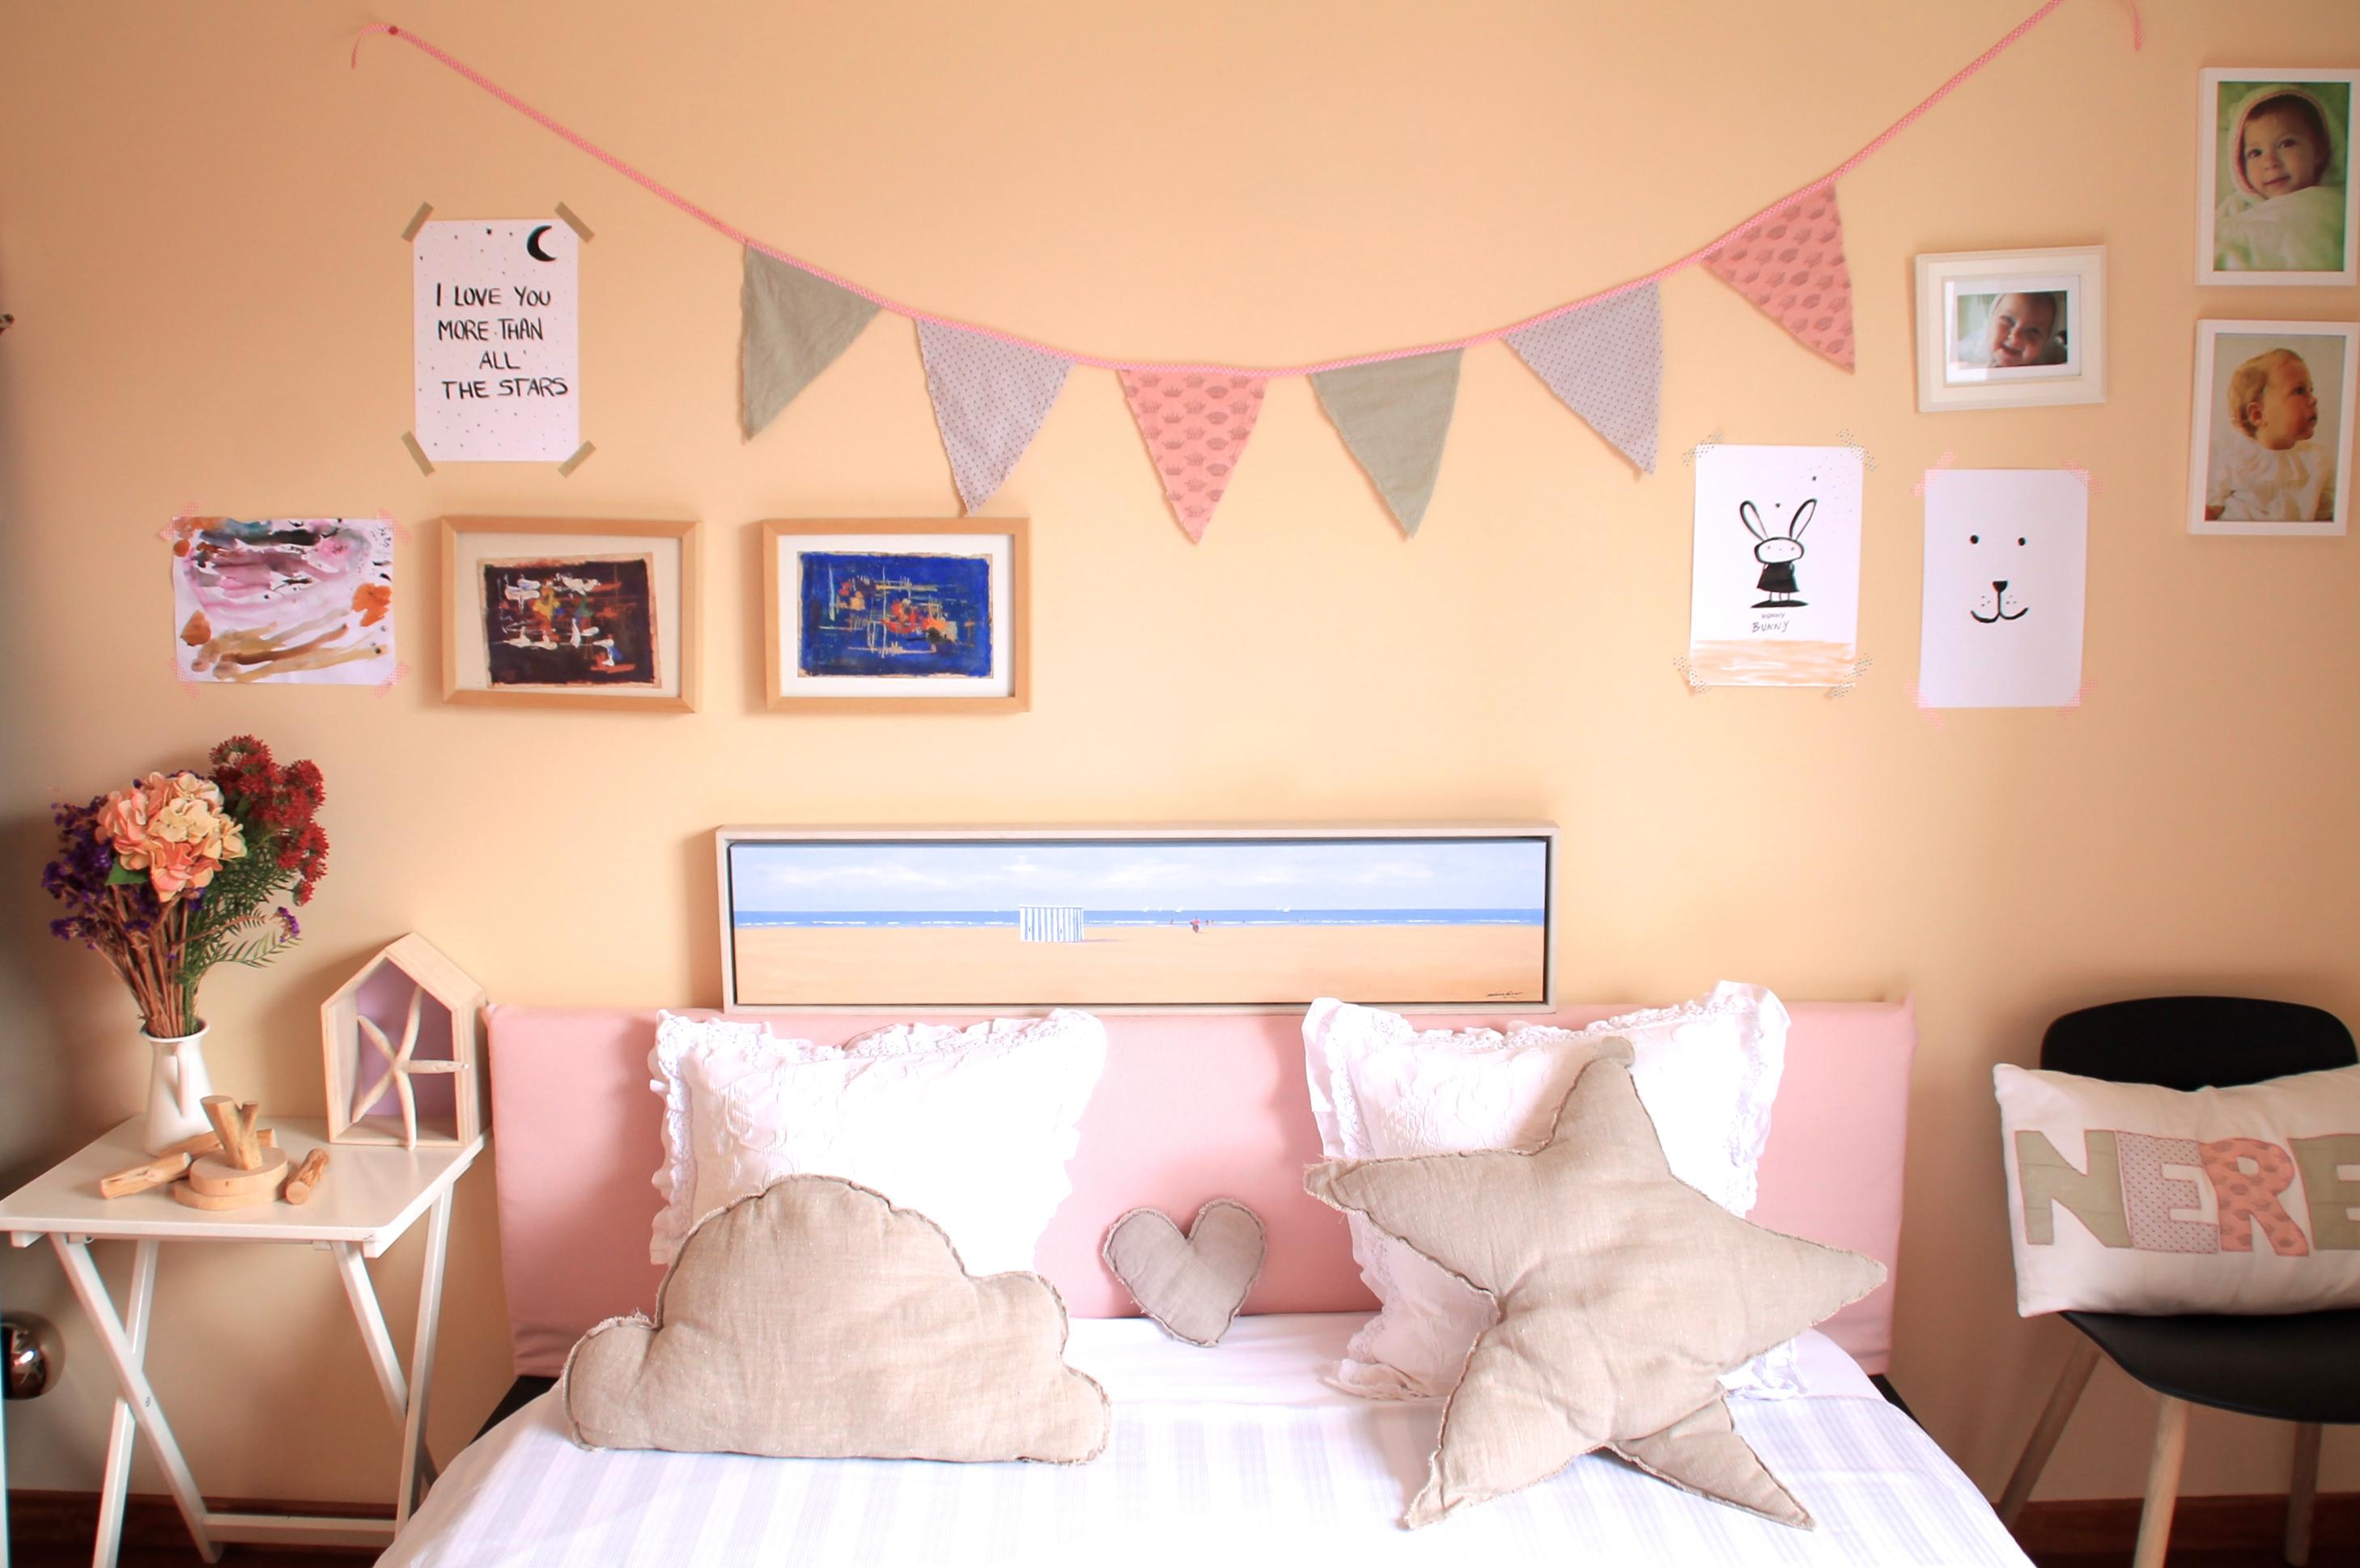 Una habitaci n infantil con elementos handmade - Habitacion infantil decoracion ...